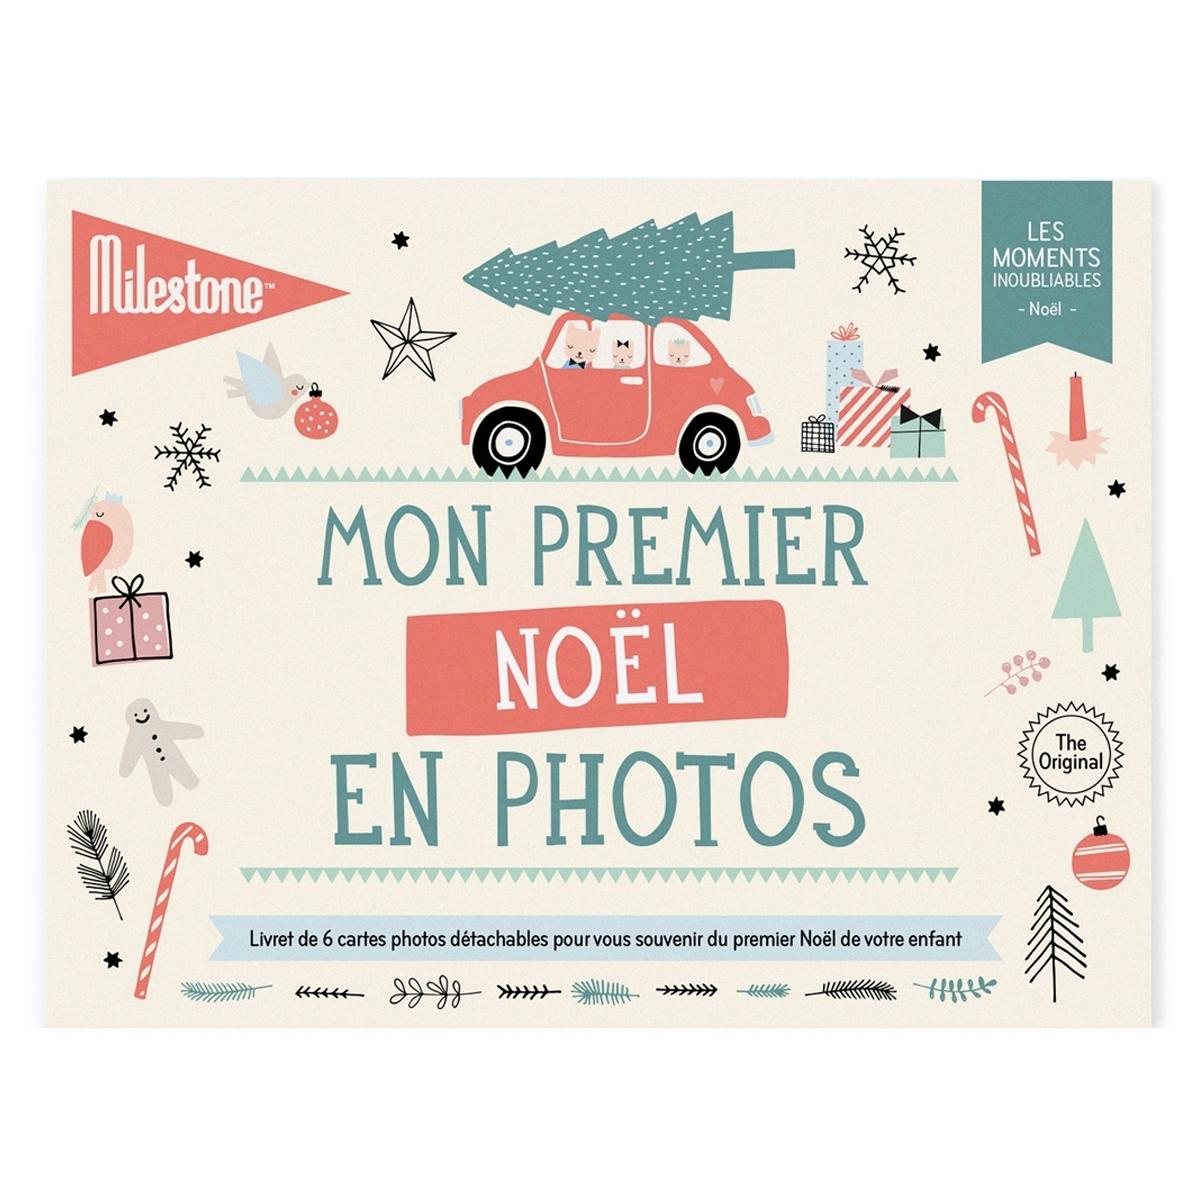 Livre & Carte Cartes Mon Premier Noël en Photos Cartes Mon Premier Noël en Photos